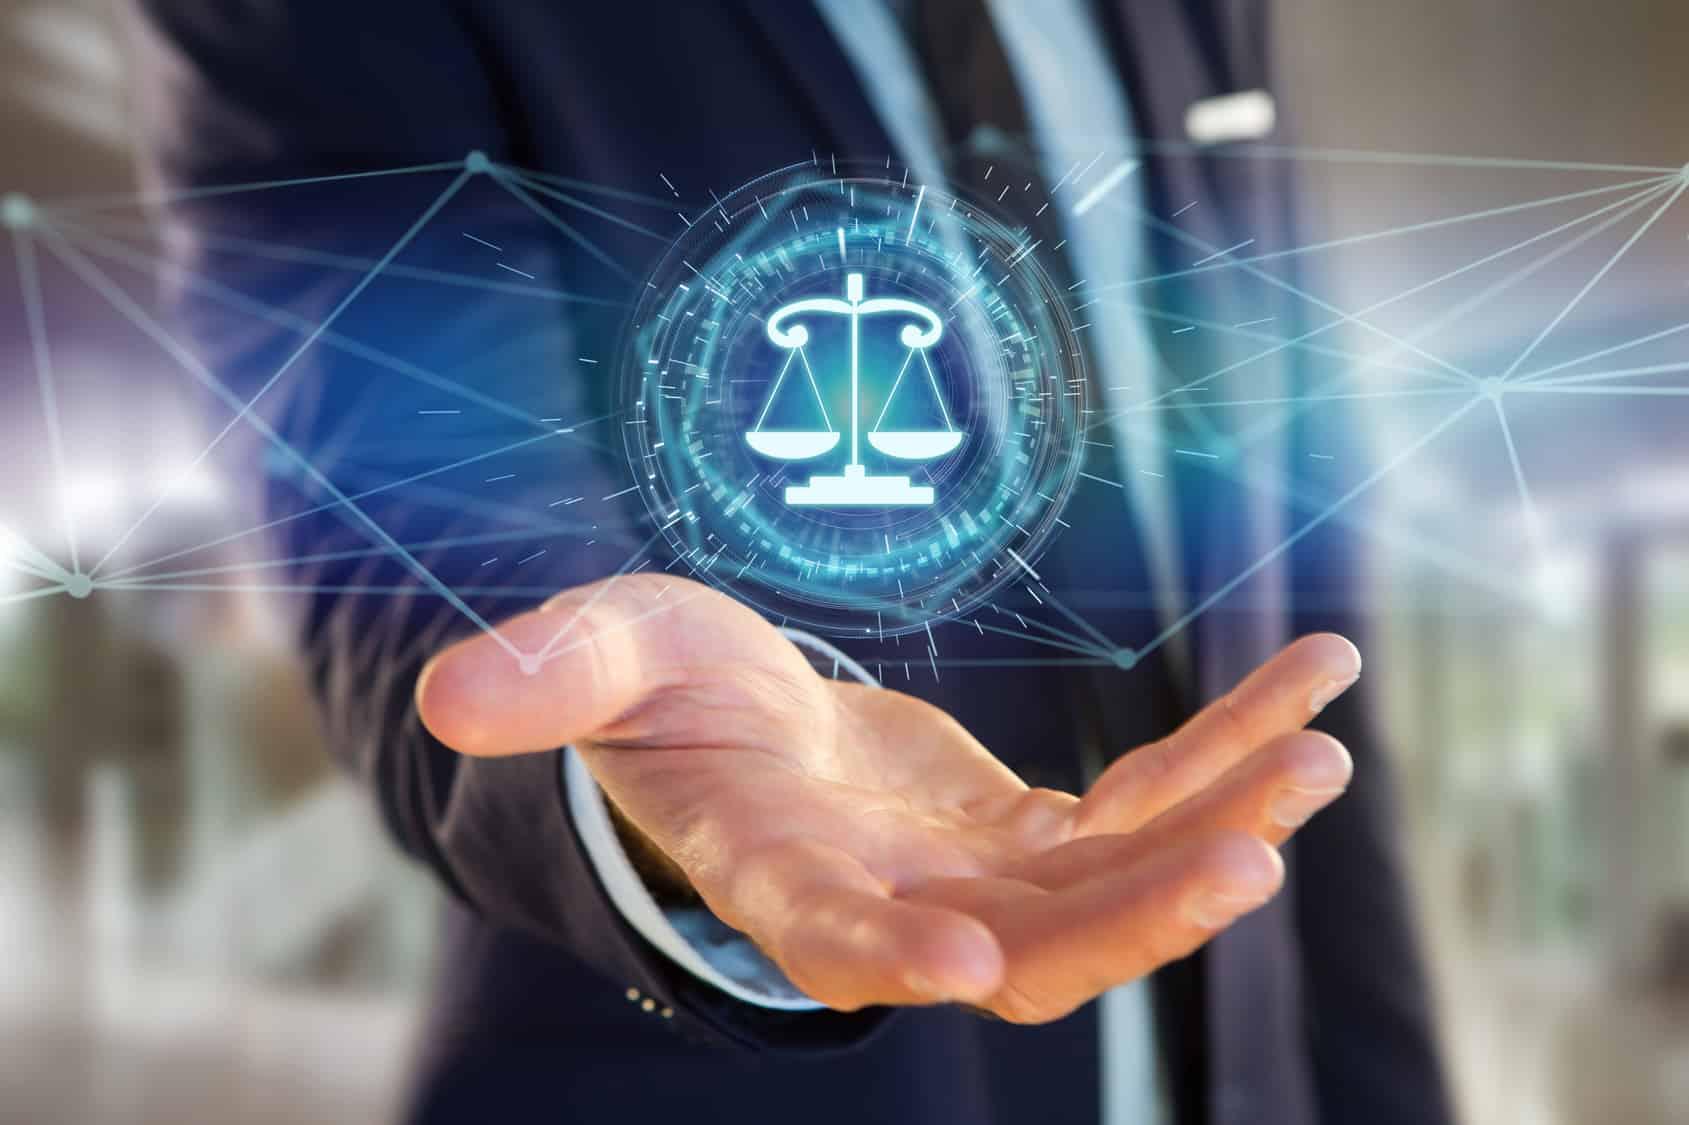 El IFT sólo podrá ser defendida con trabajo eficiente, honesto y, sobre todo, apegado a la ley.